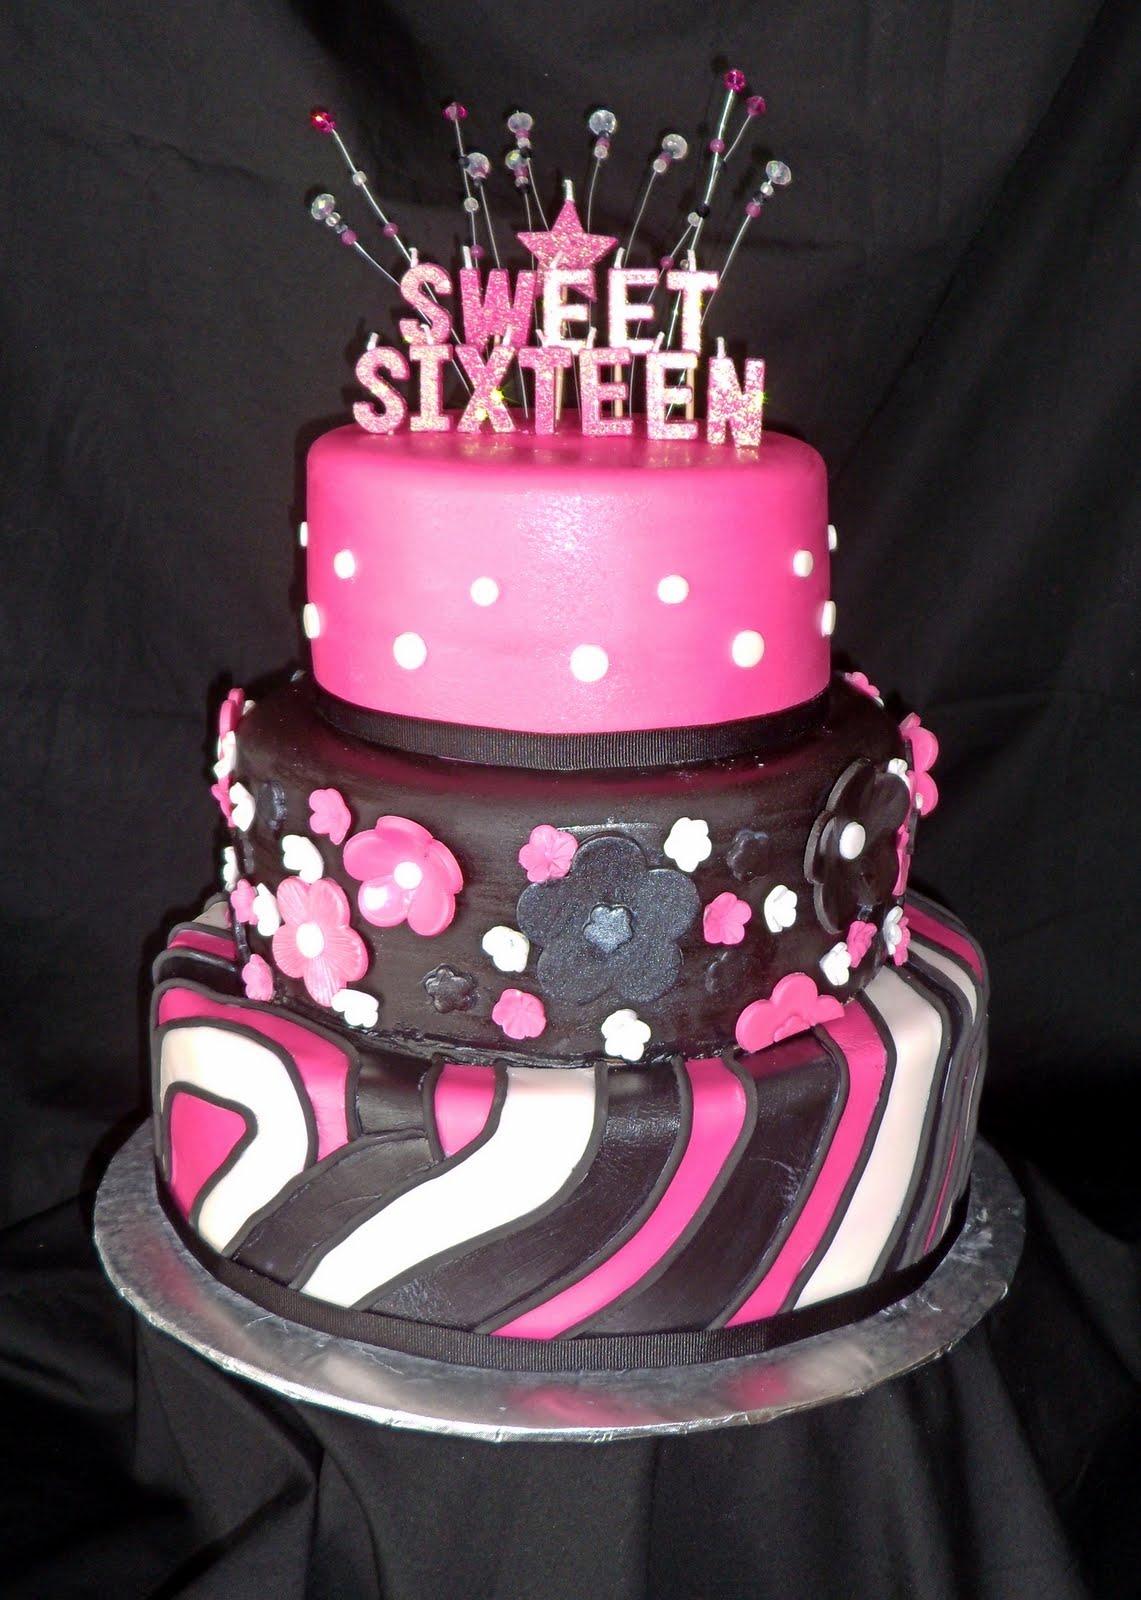 Happy Sweet Sixteenth Birthday Lili Tony And Liliana